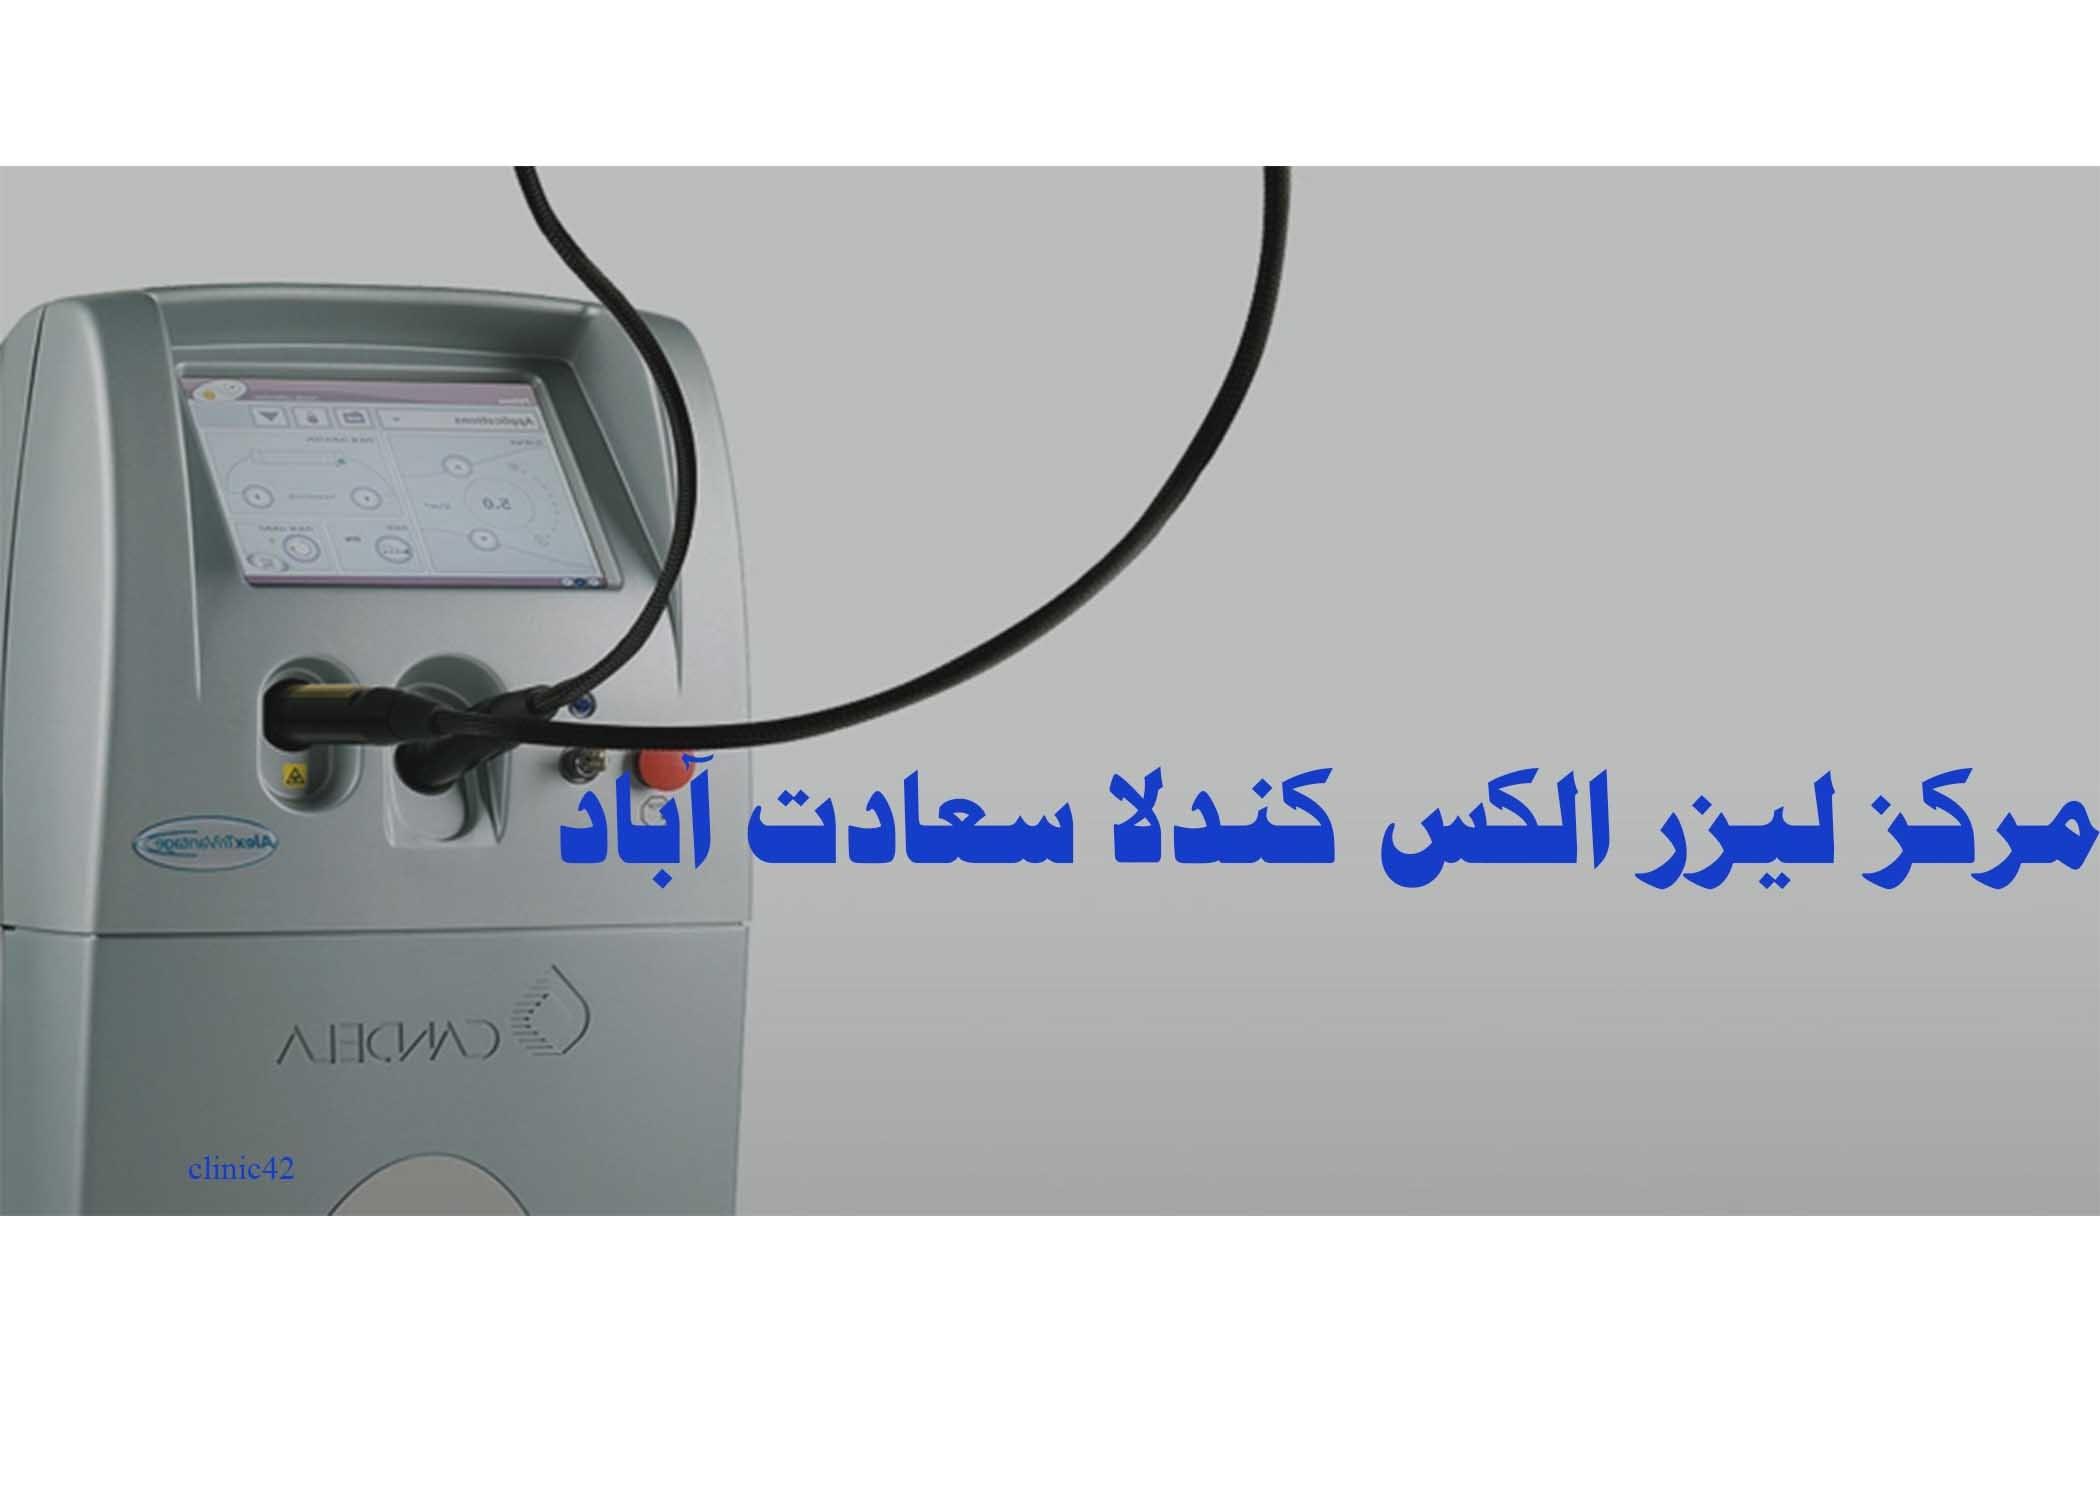 مرکز لیزر الکس کندلا در غرب تهران سعادت اباد